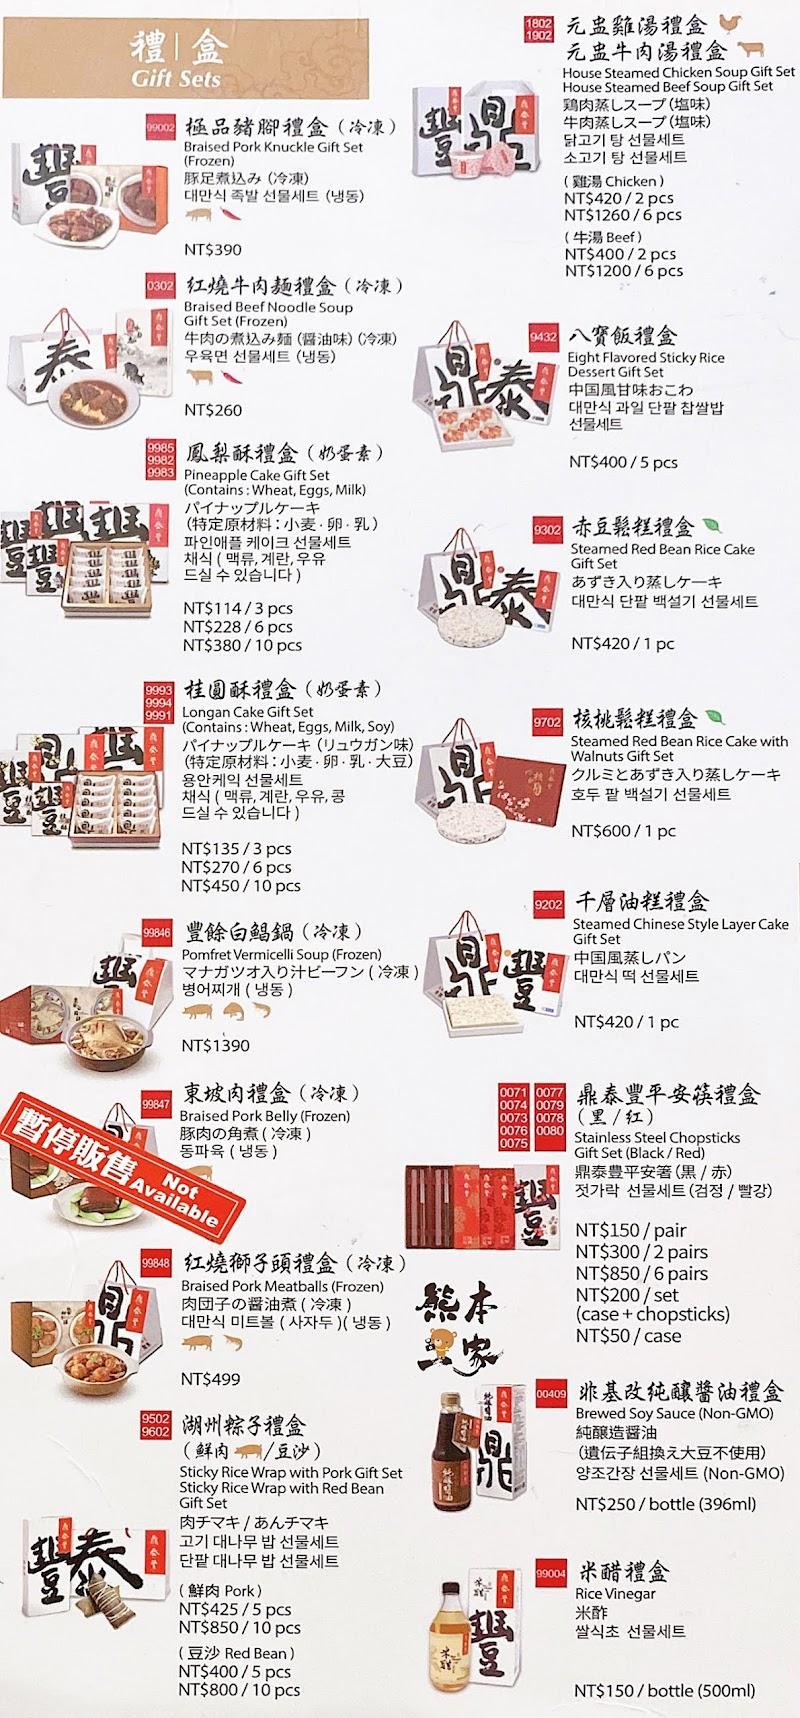 鼎泰豐外帶內用菜單MENU板橋鼎泰豐菜單放大清晰版詳細分類資訊